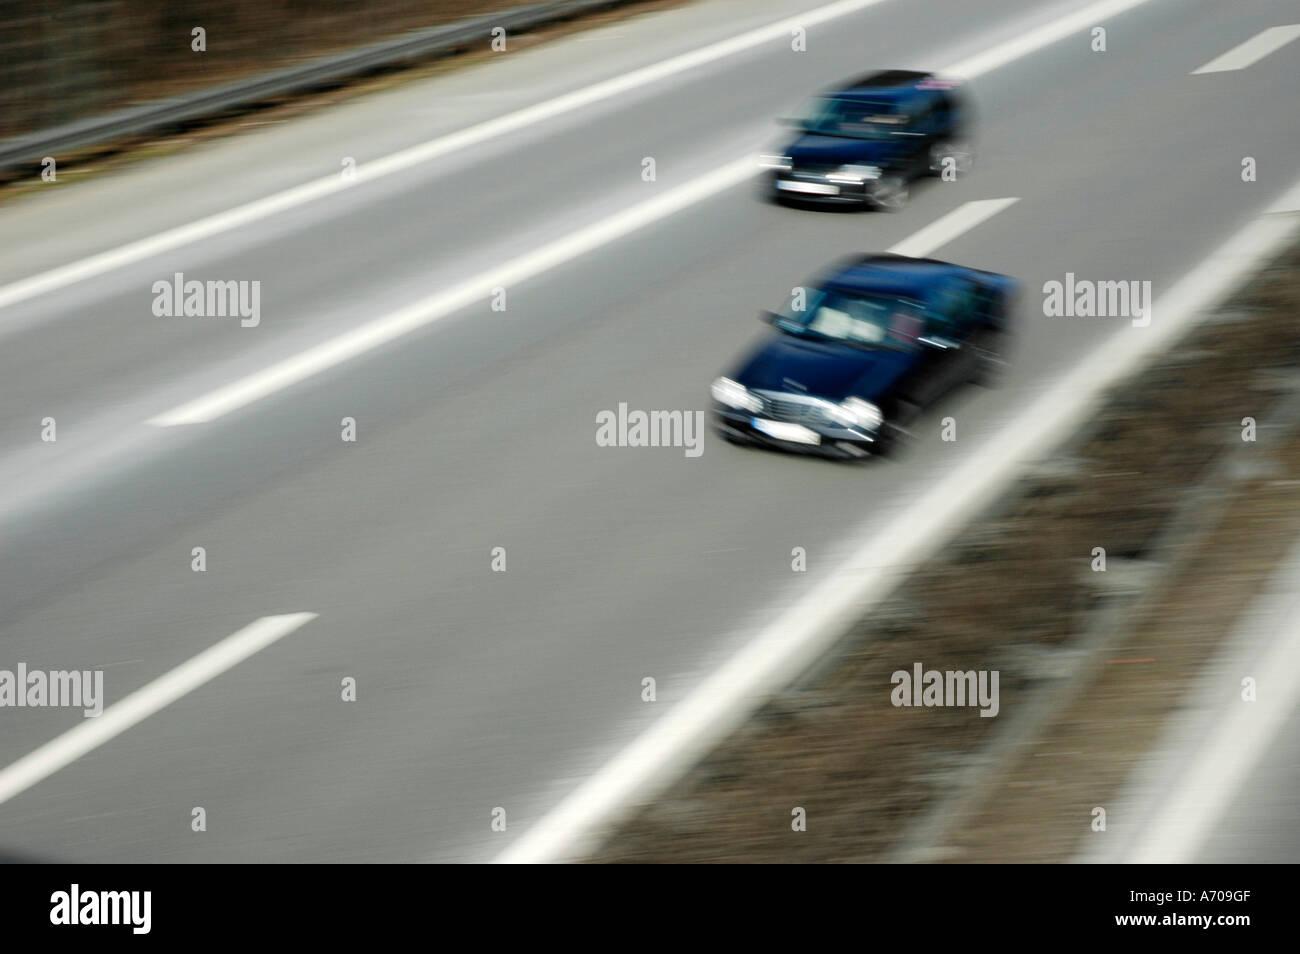 Schnelle Autos fahren auf der Autobahn, Geschwindigkeit, Verkehr ...